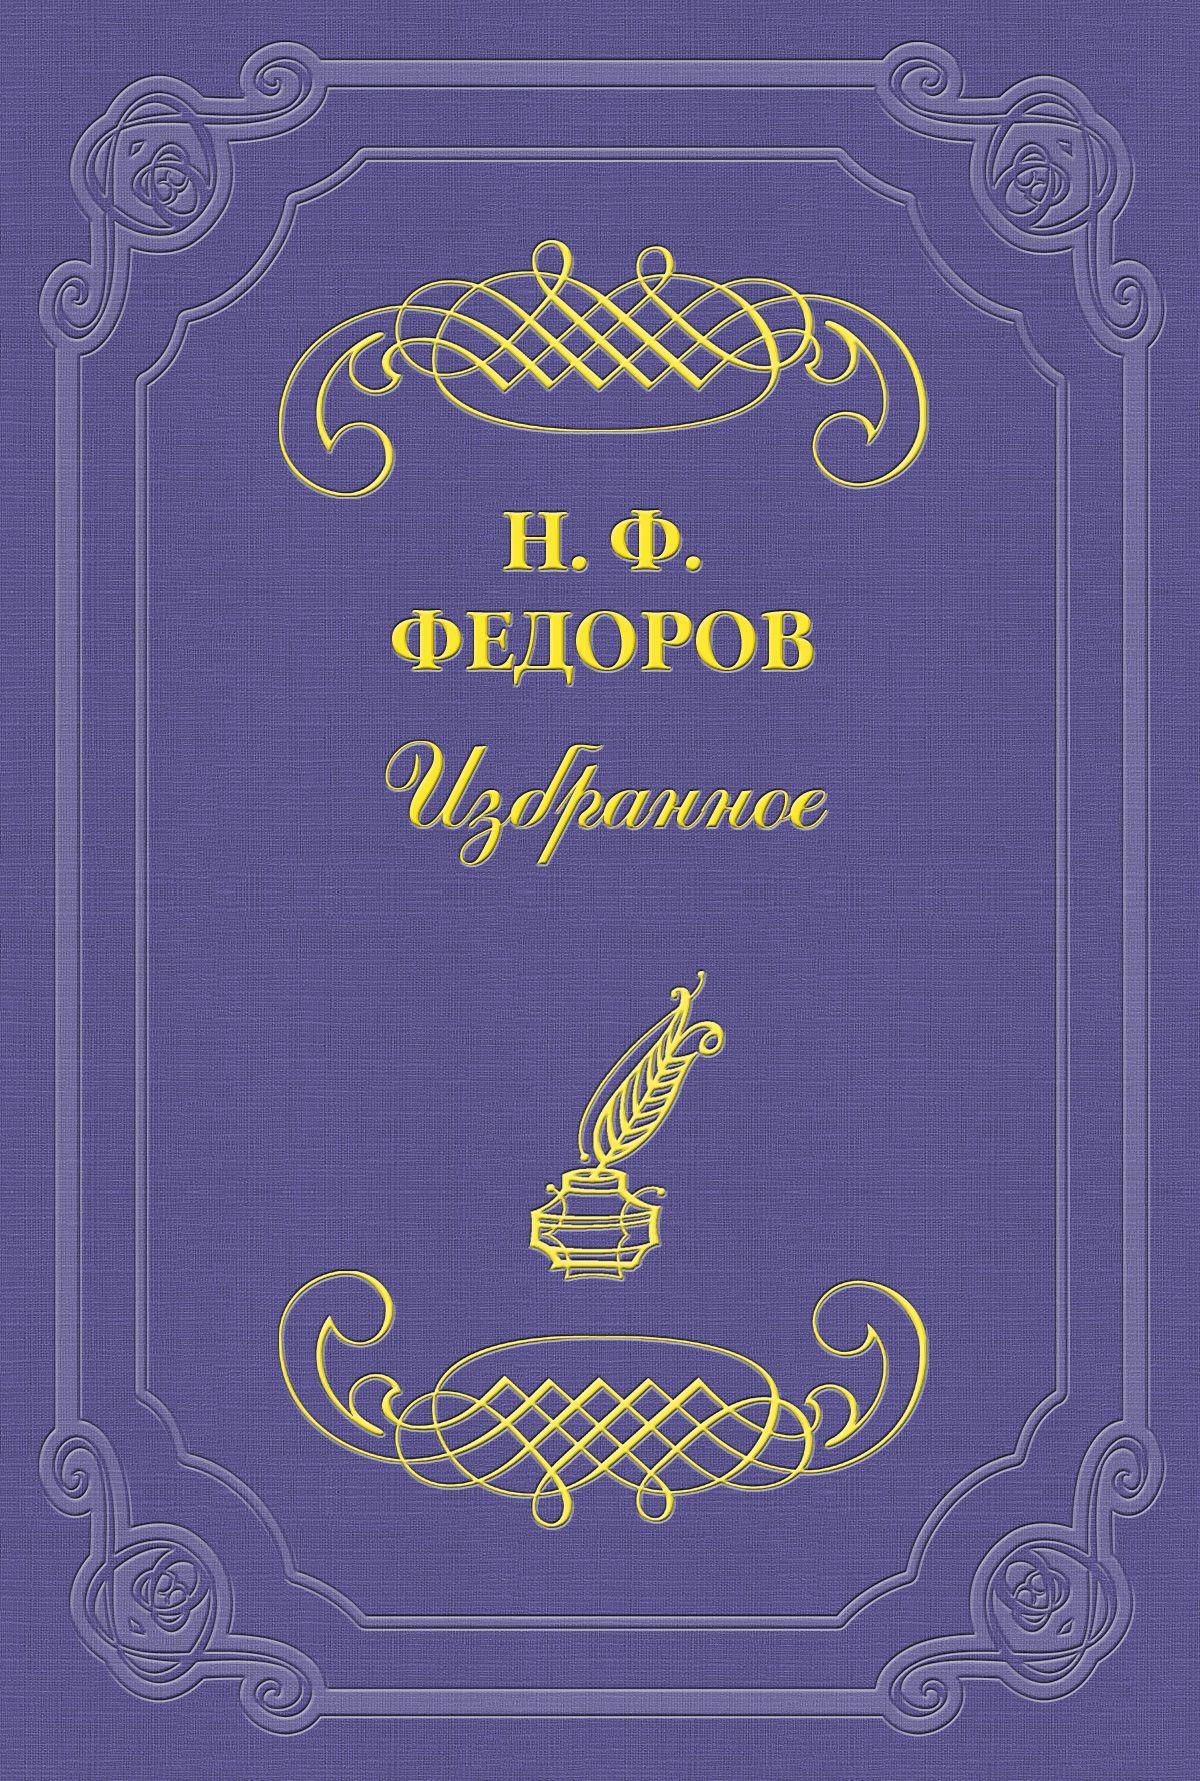 Николай Федоров Последний философ айванхов о м познай самого себя джнани йога книга вторая том 18